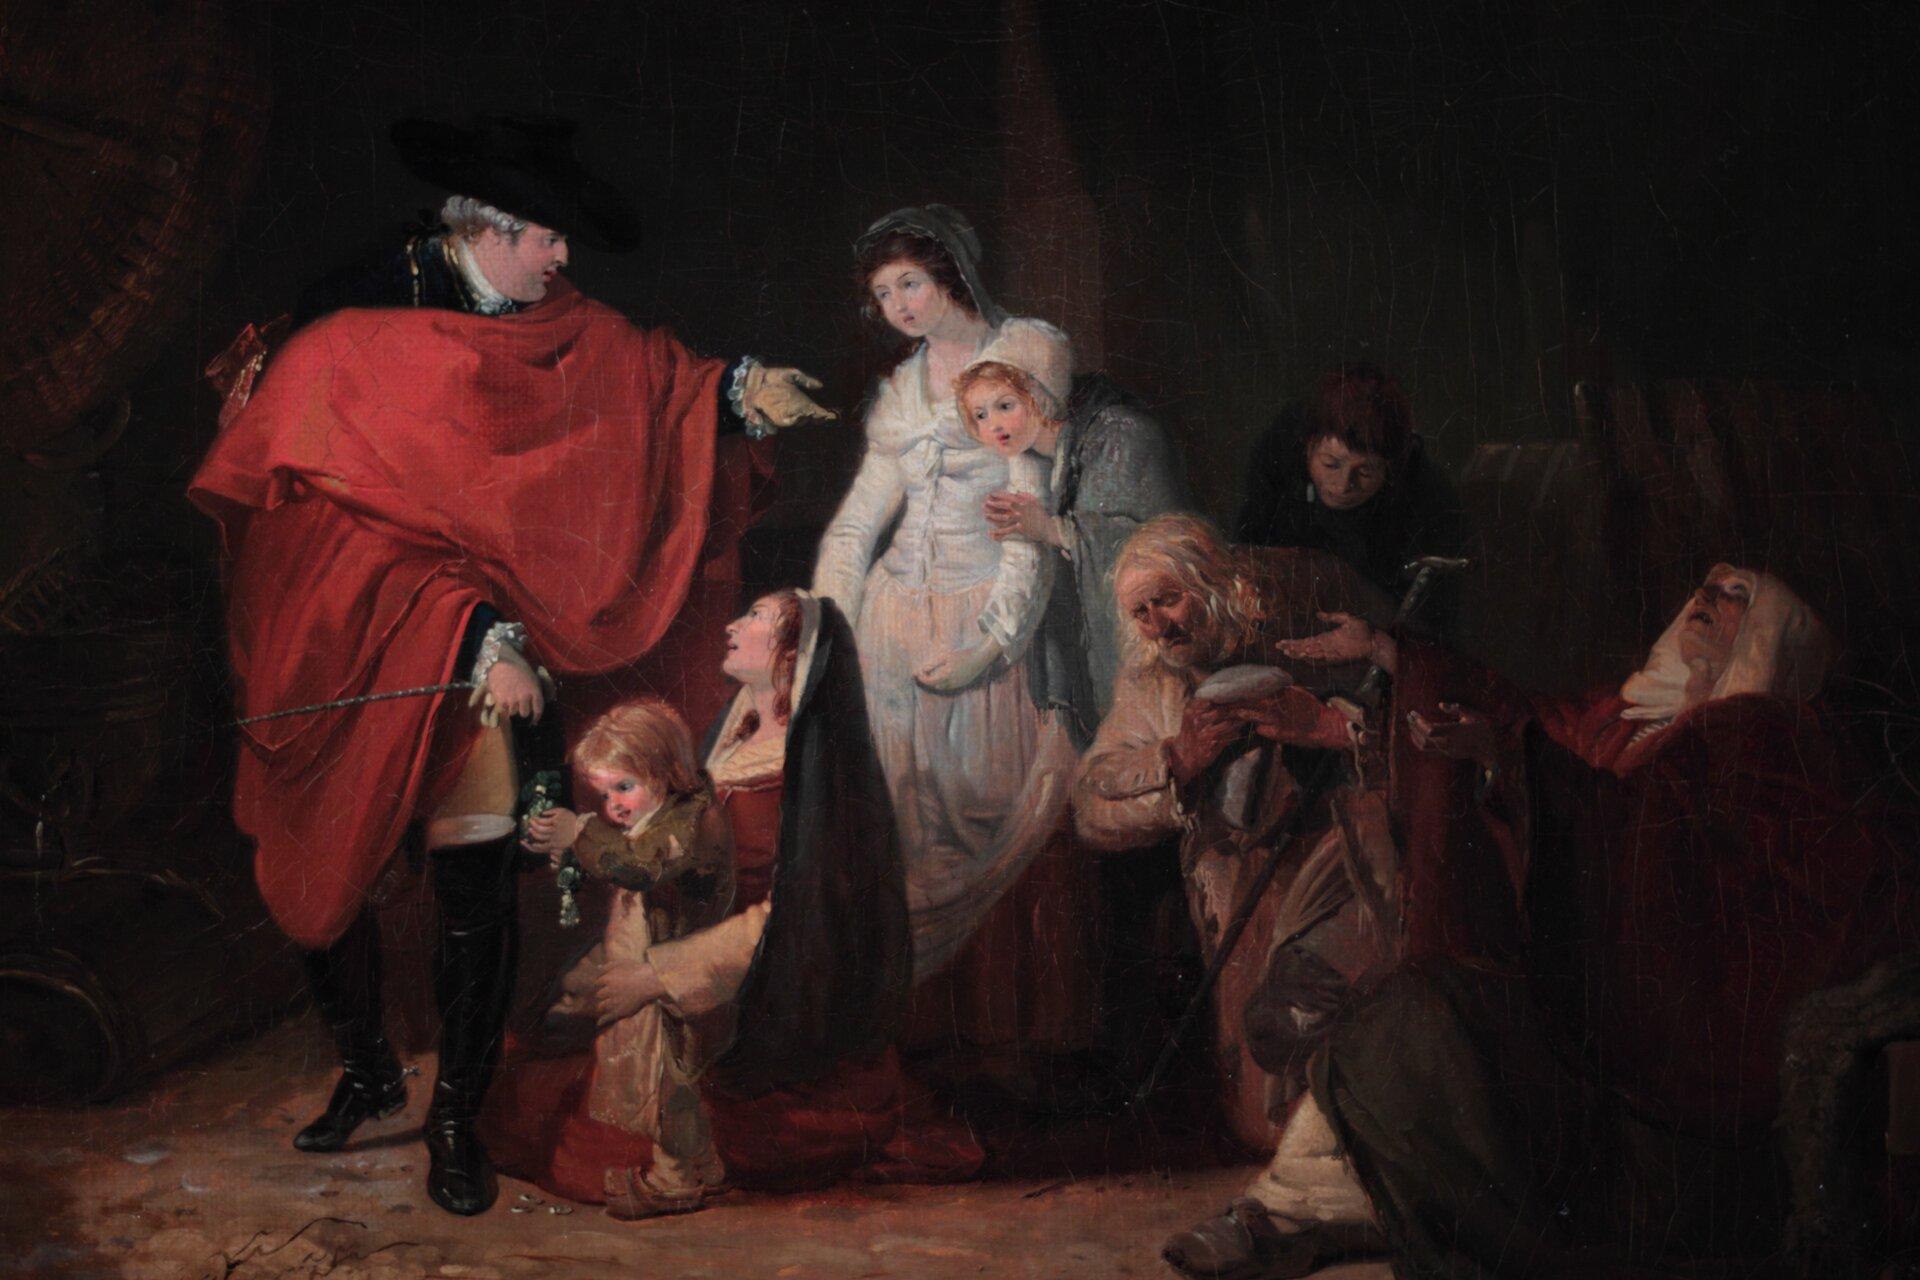 Na obrazie przedstawiona została grupa postaci. Wśród nich, jako pierwsza zlewej strony obrazu, dumna postać mężczyzny znarzuconym na ramiona czerwonym płaszczu, obok niego grupa stojących iklęczących osób wróżnym wieku.